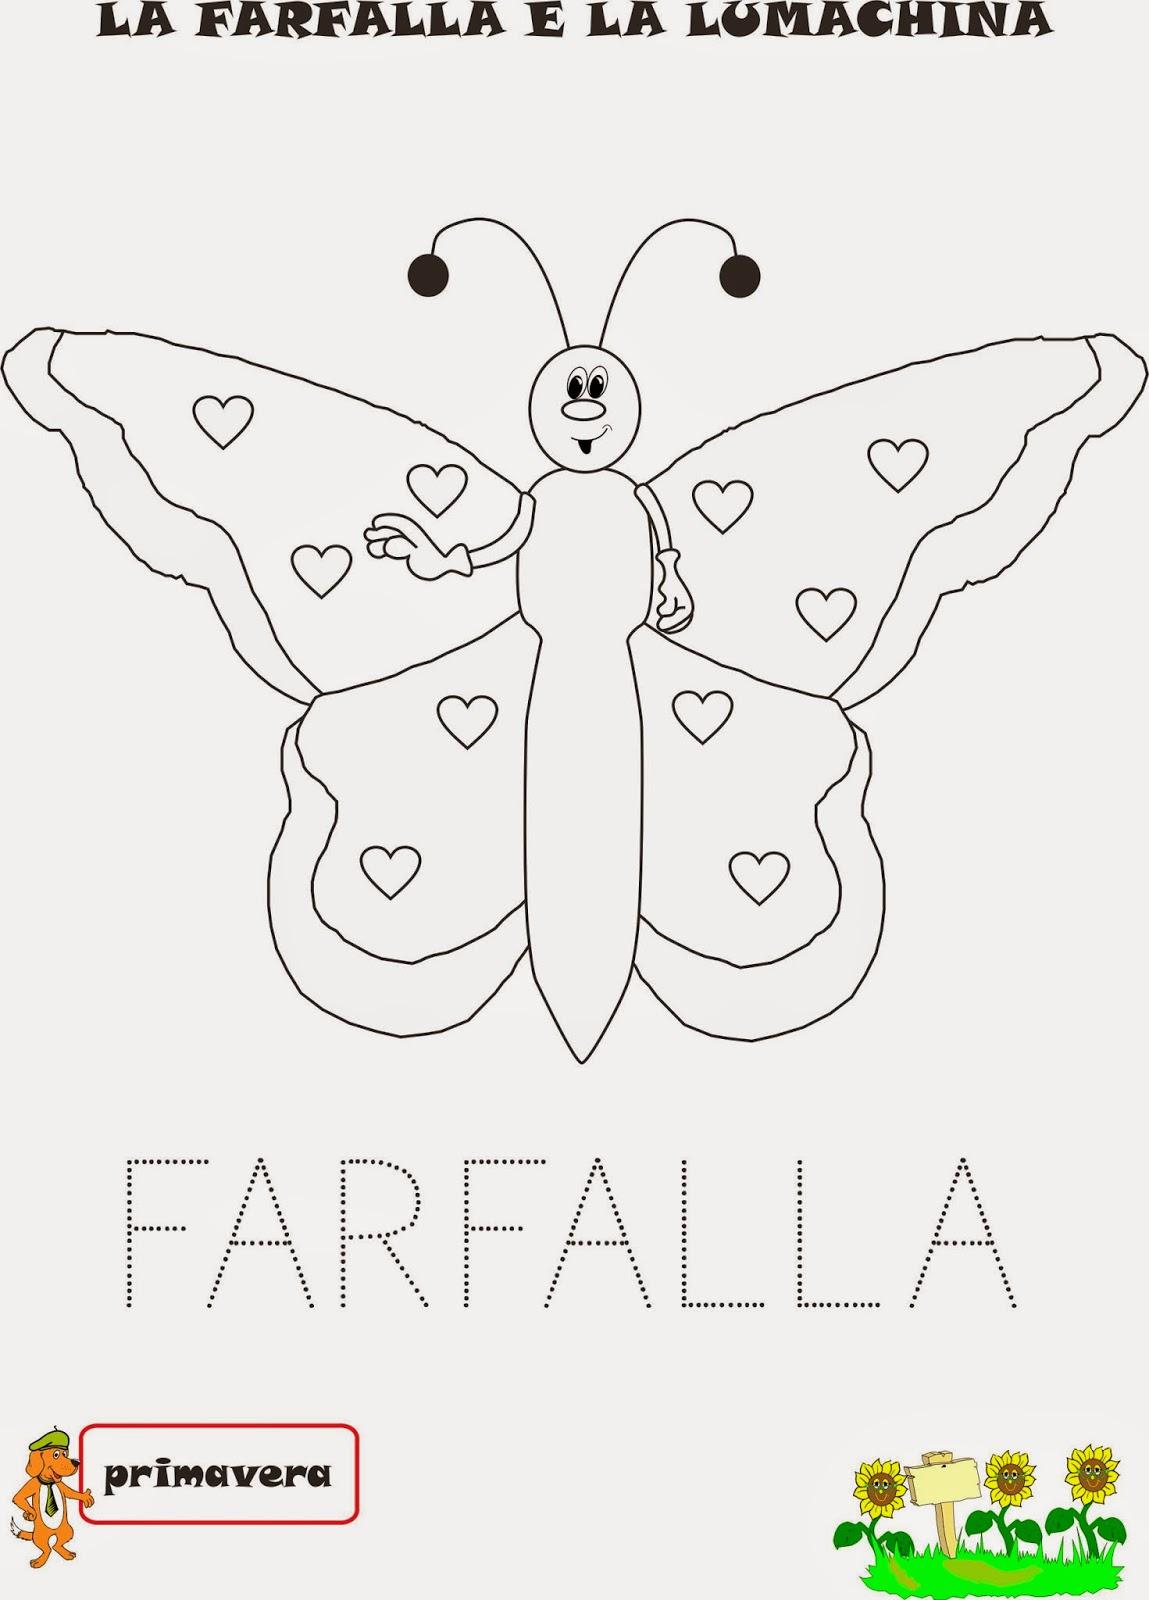 A scuola con poldo una storia primaverile la farfalla e for Schede didattiche scuola infanzia 3 anni